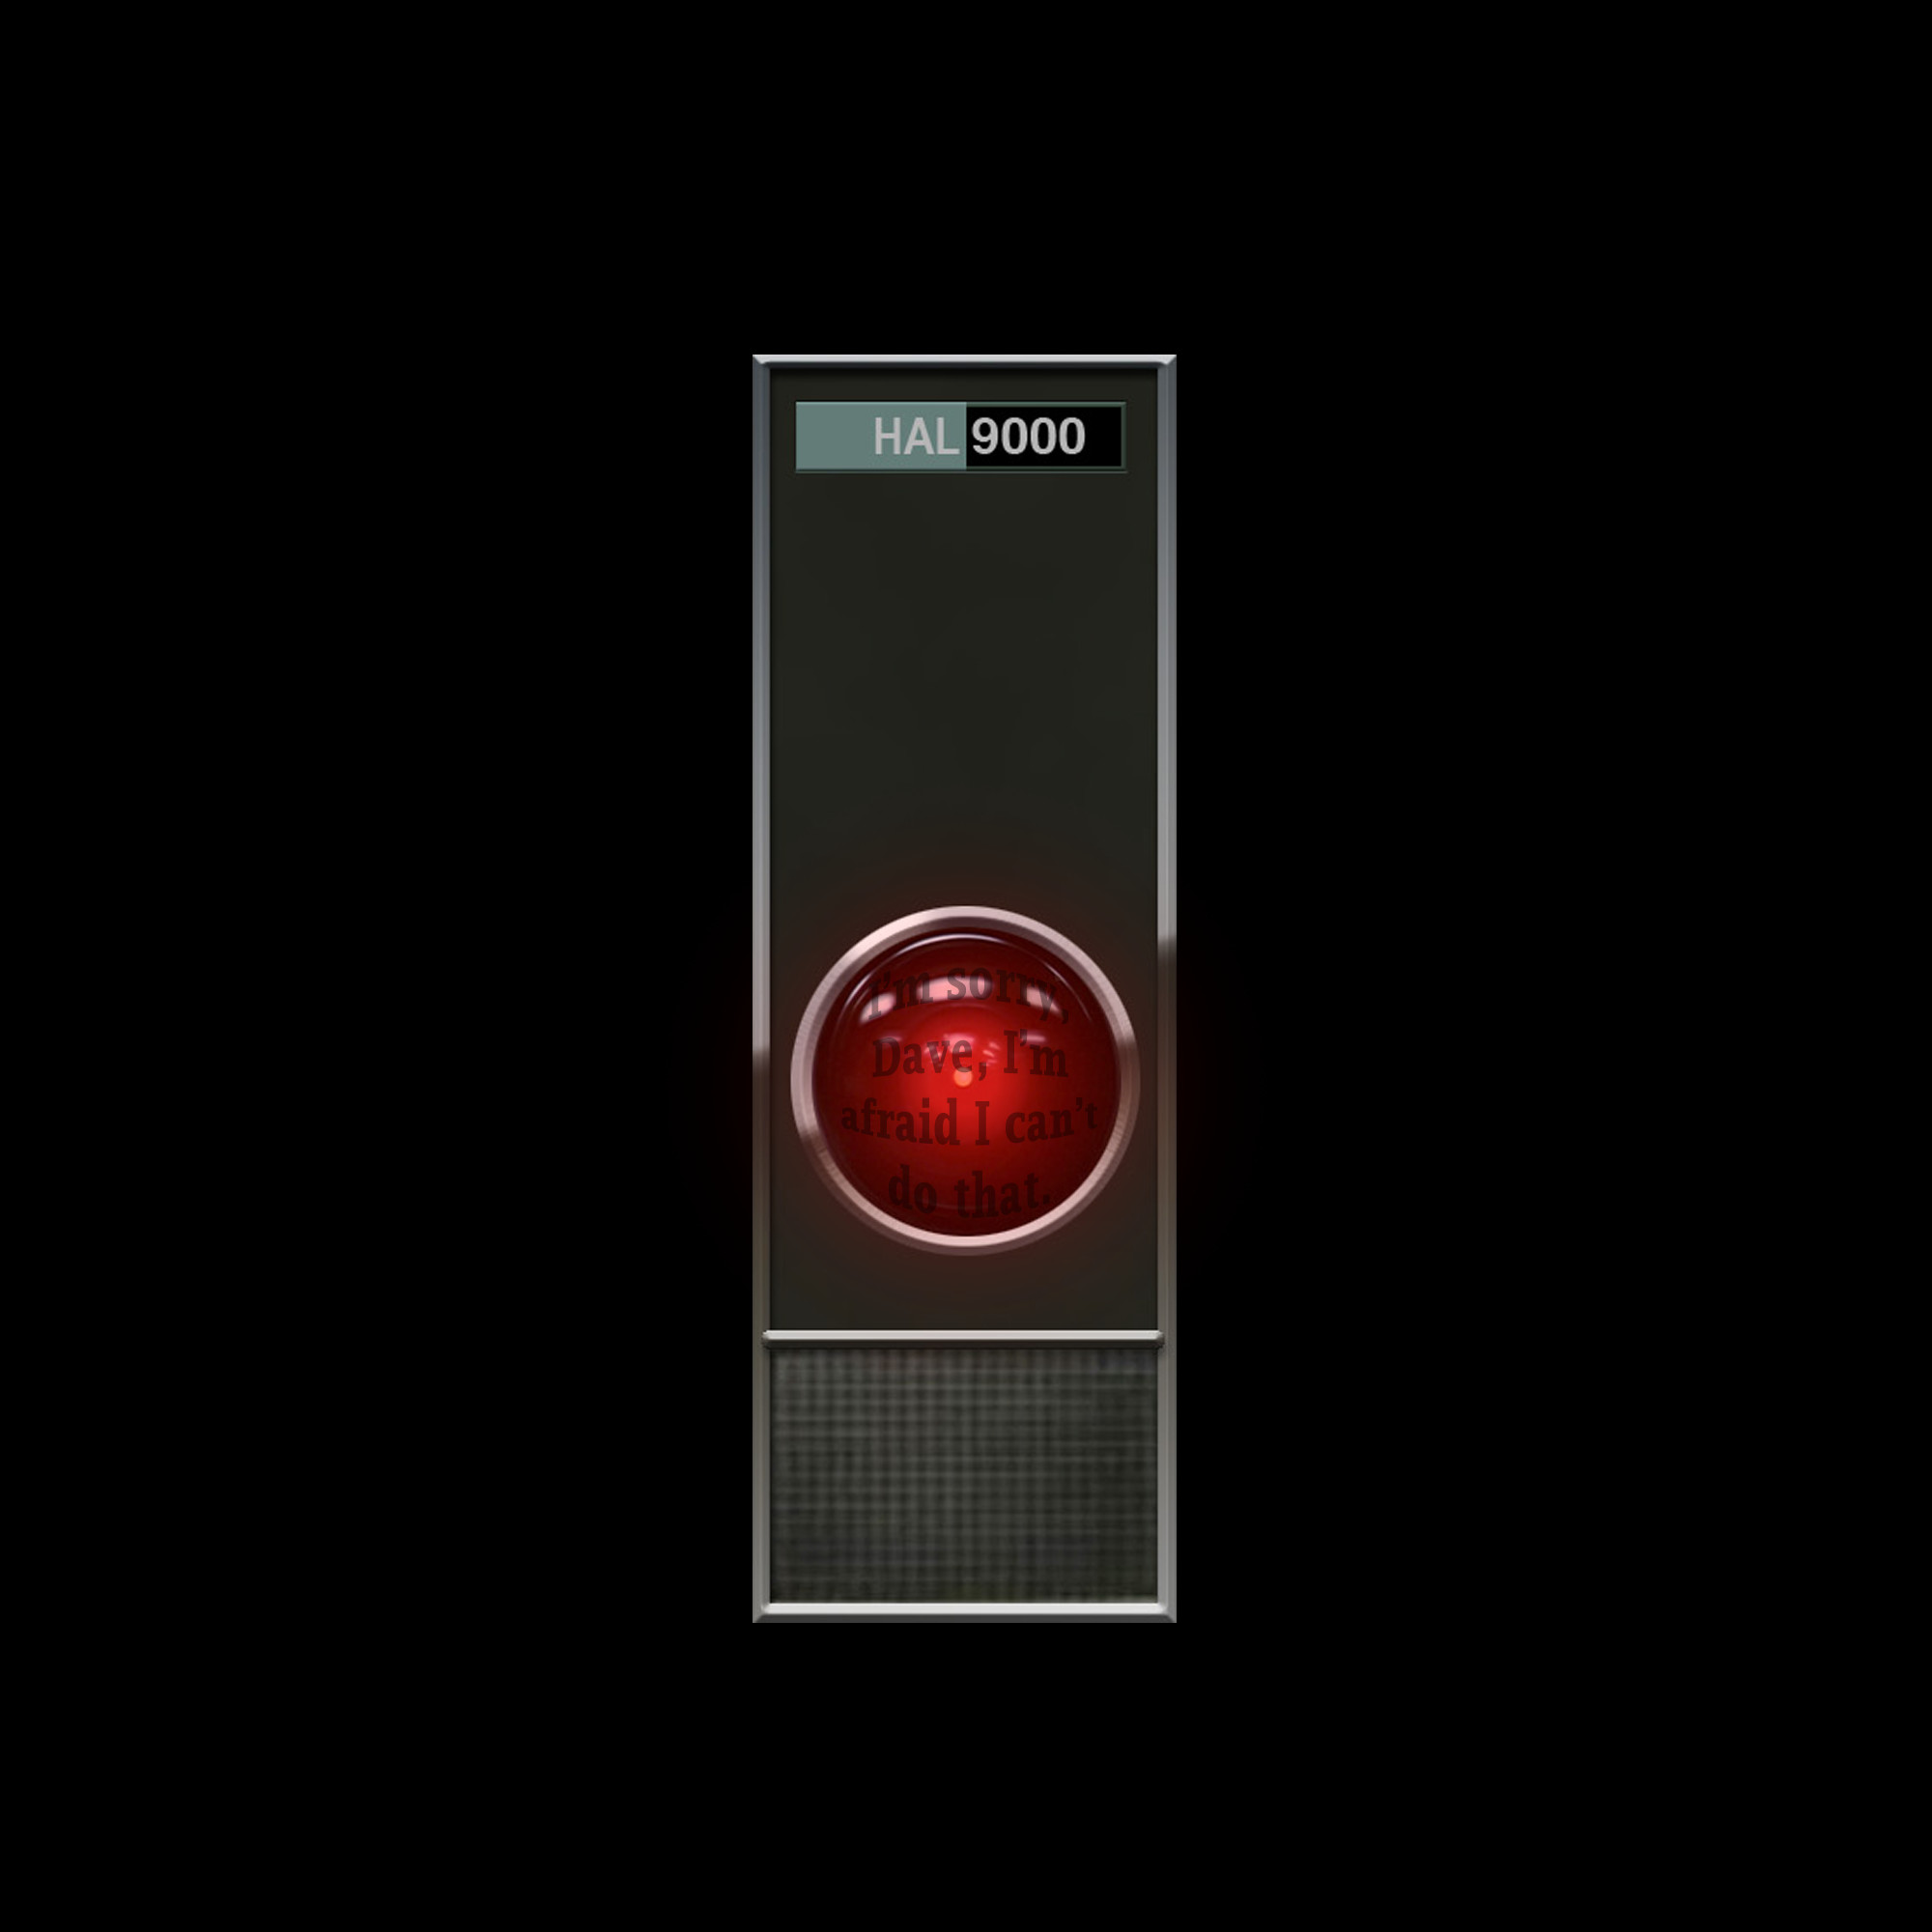 Res: 2000x2000, HAL 9000 by Schritt HAL 9000 by Schritt